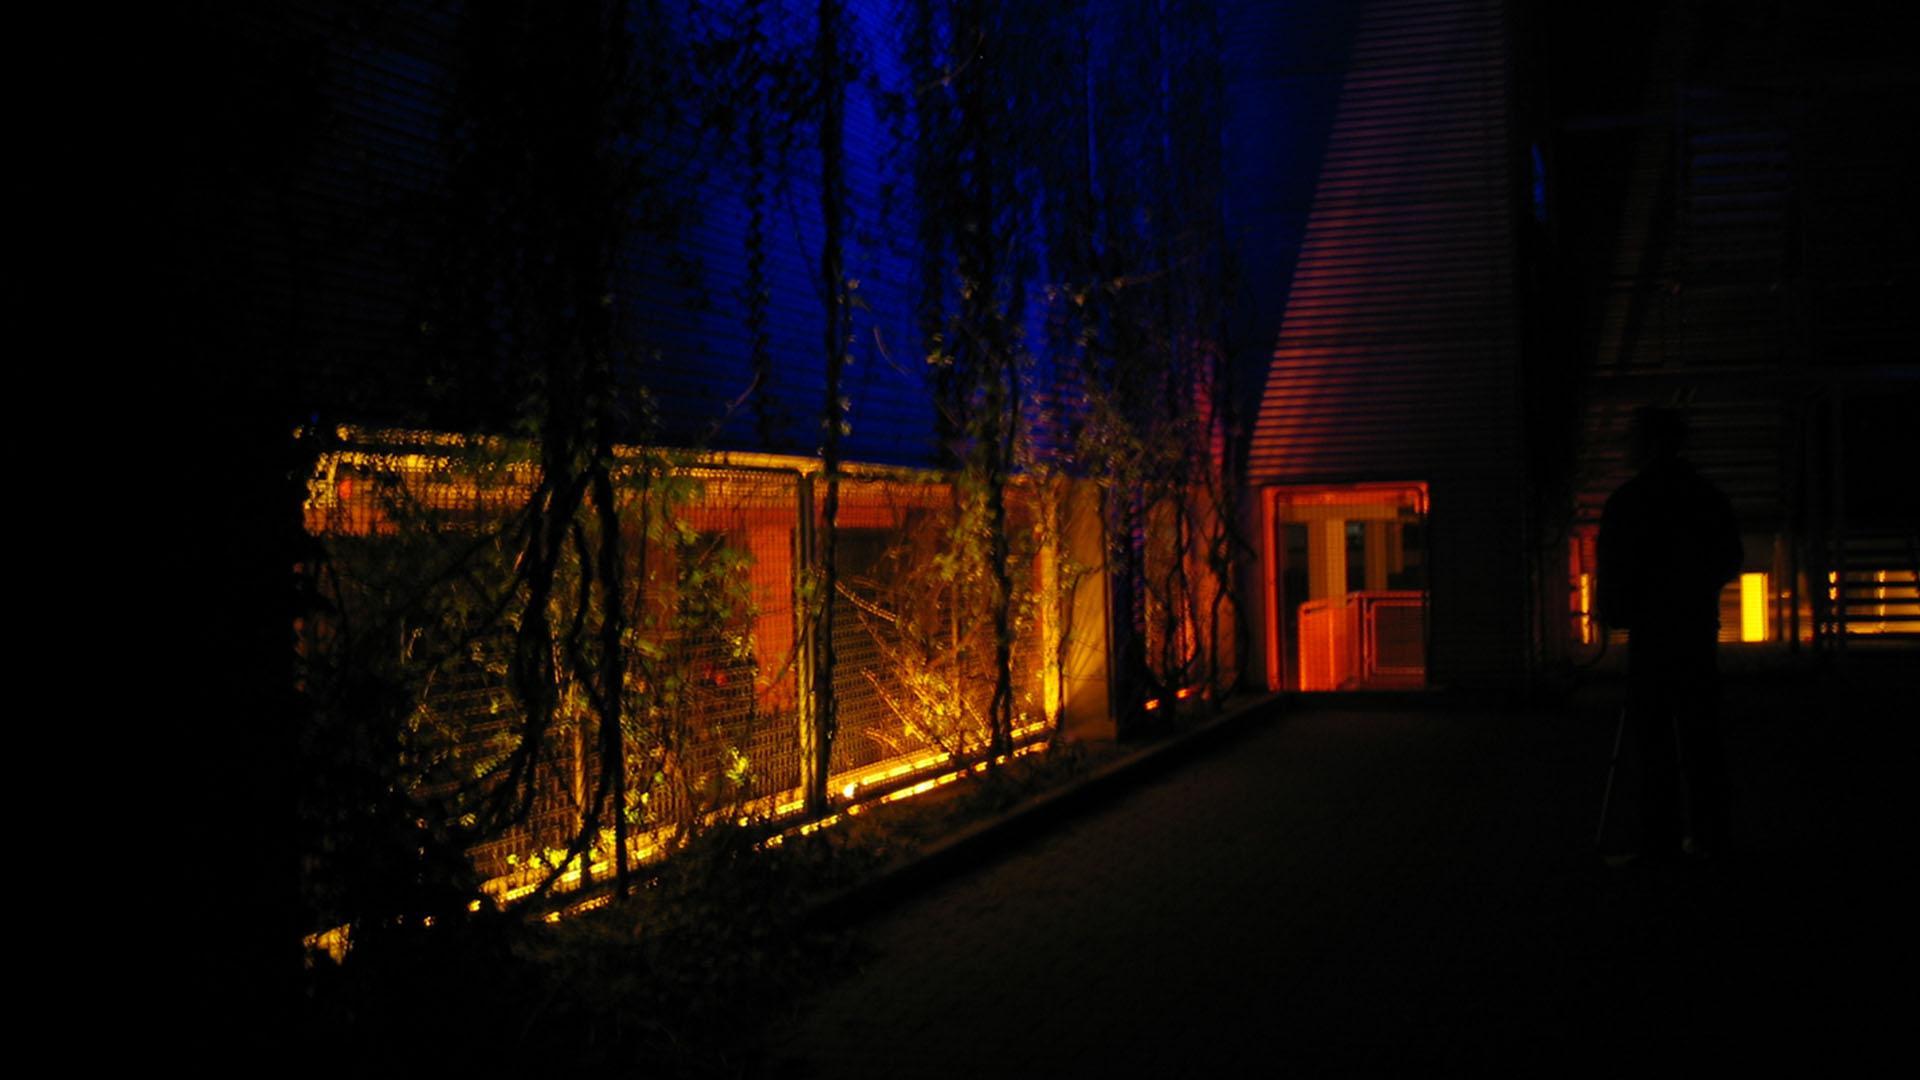 MAASS-Lichtplanung_Lichtevent Lichtrouten__MAASS-Lichtrouten-003